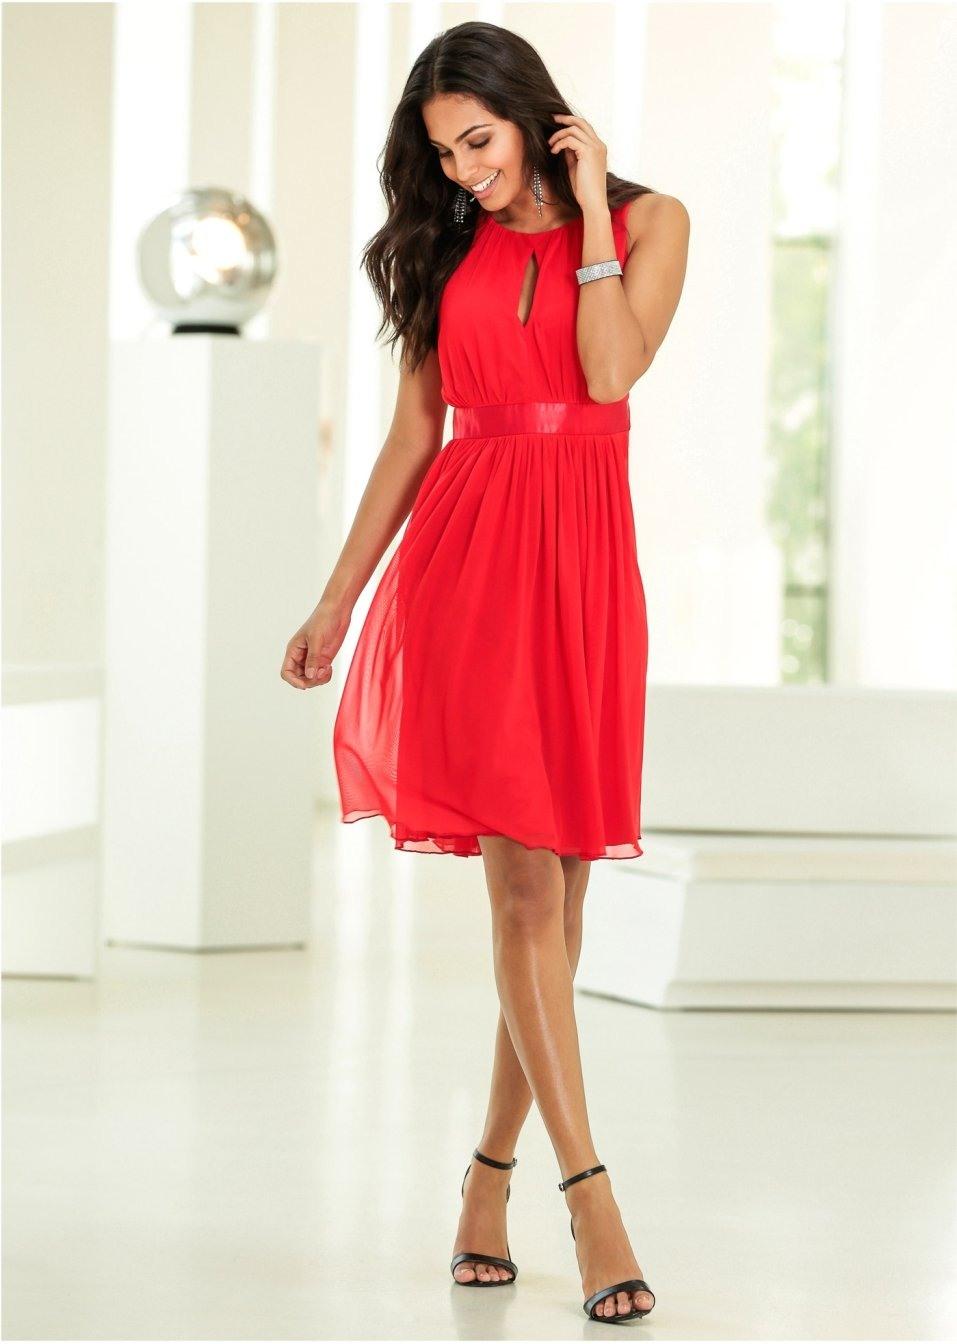 Formal Schön Rotes Kleid Mit Glitzer Vertrieb17 Großartig Rotes Kleid Mit Glitzer Vertrieb